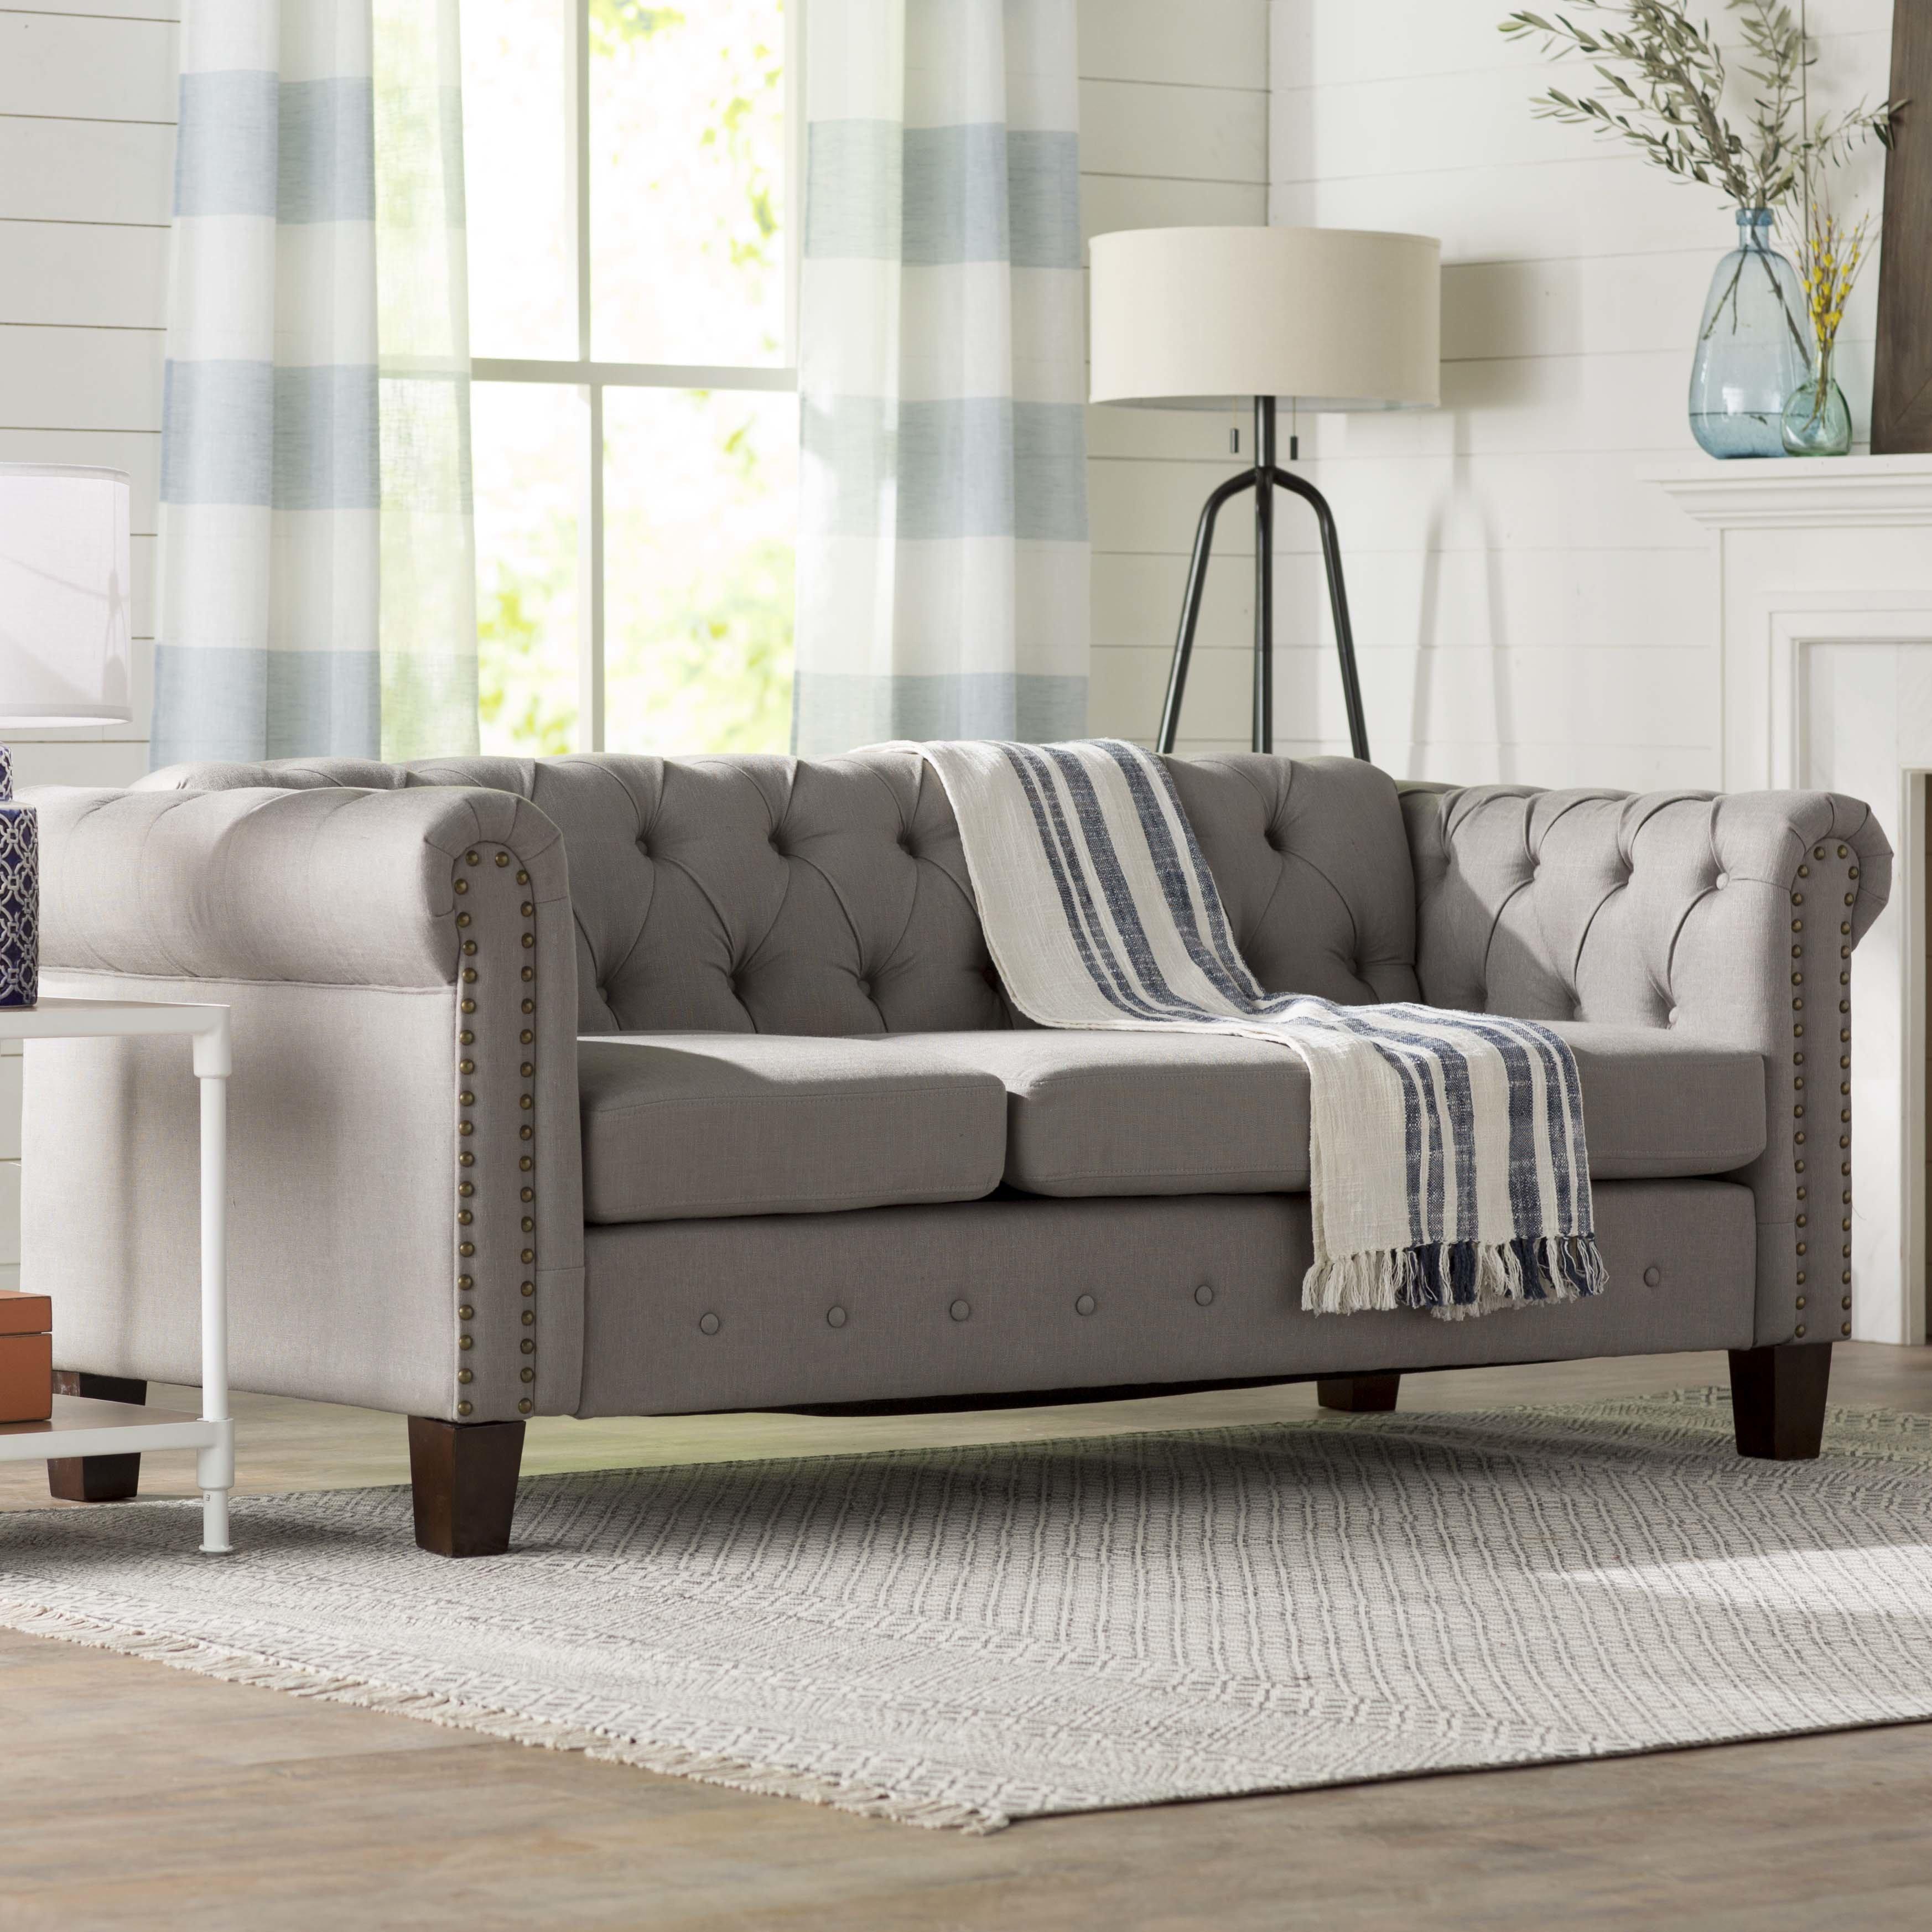 sofa chesterfield three posts trevino chesterfield sofa u0026 reviews | wayfair SRJGYJS